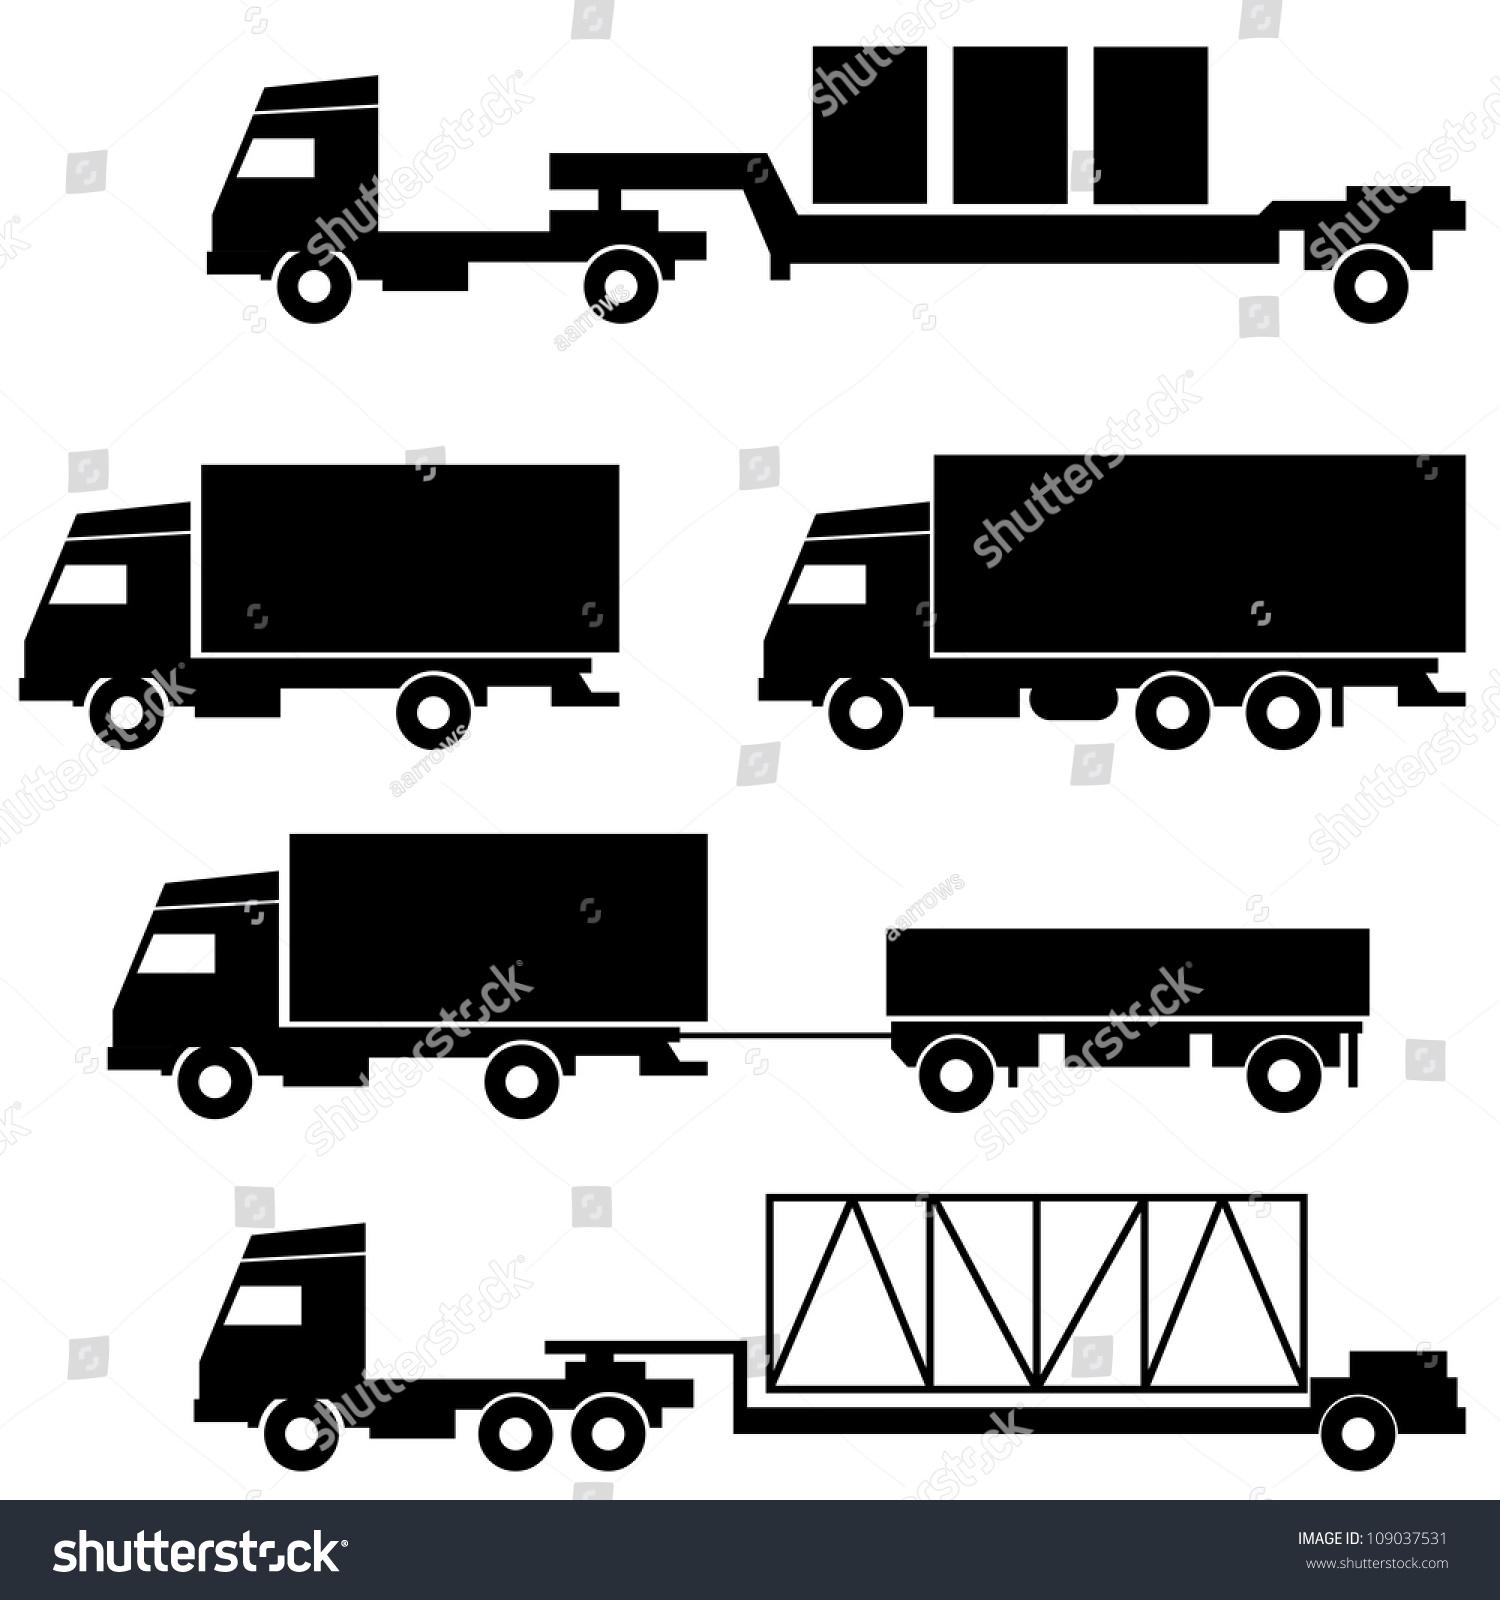 黑白色.矢量插图.-交通运输